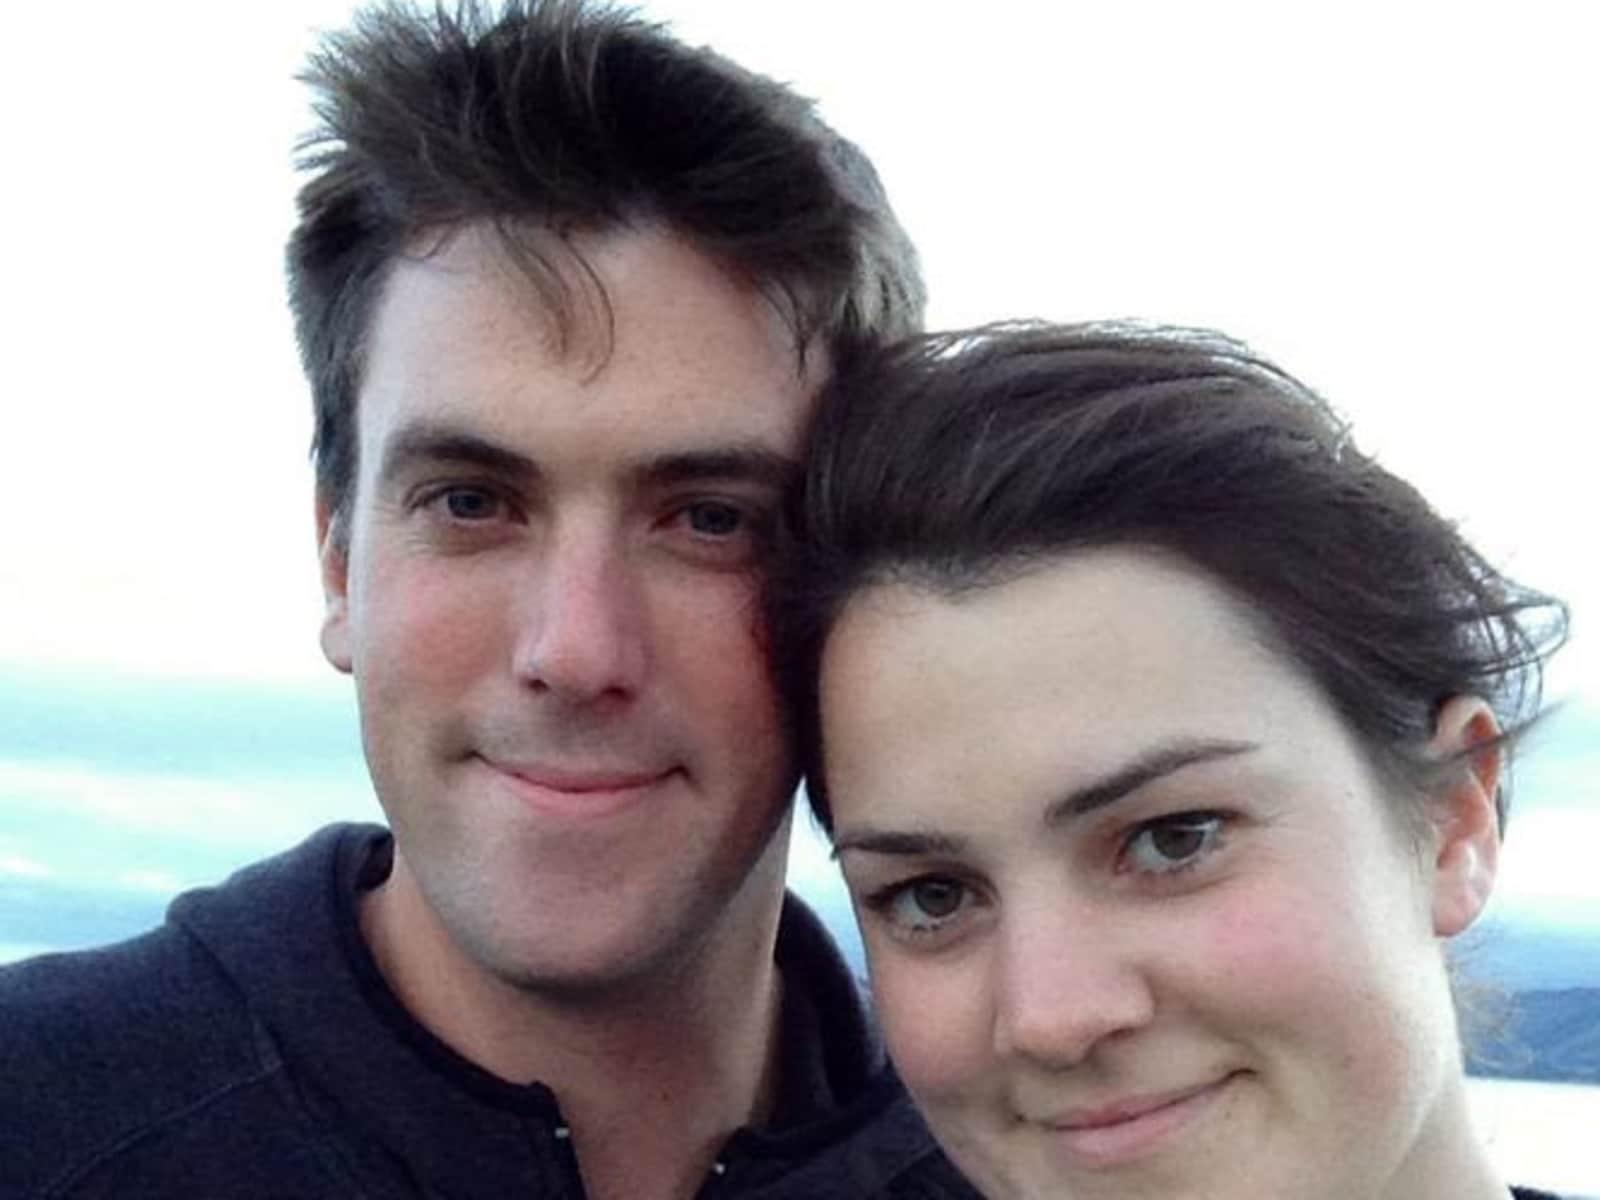 Natalie & Dylan from Foulden, United Kingdom